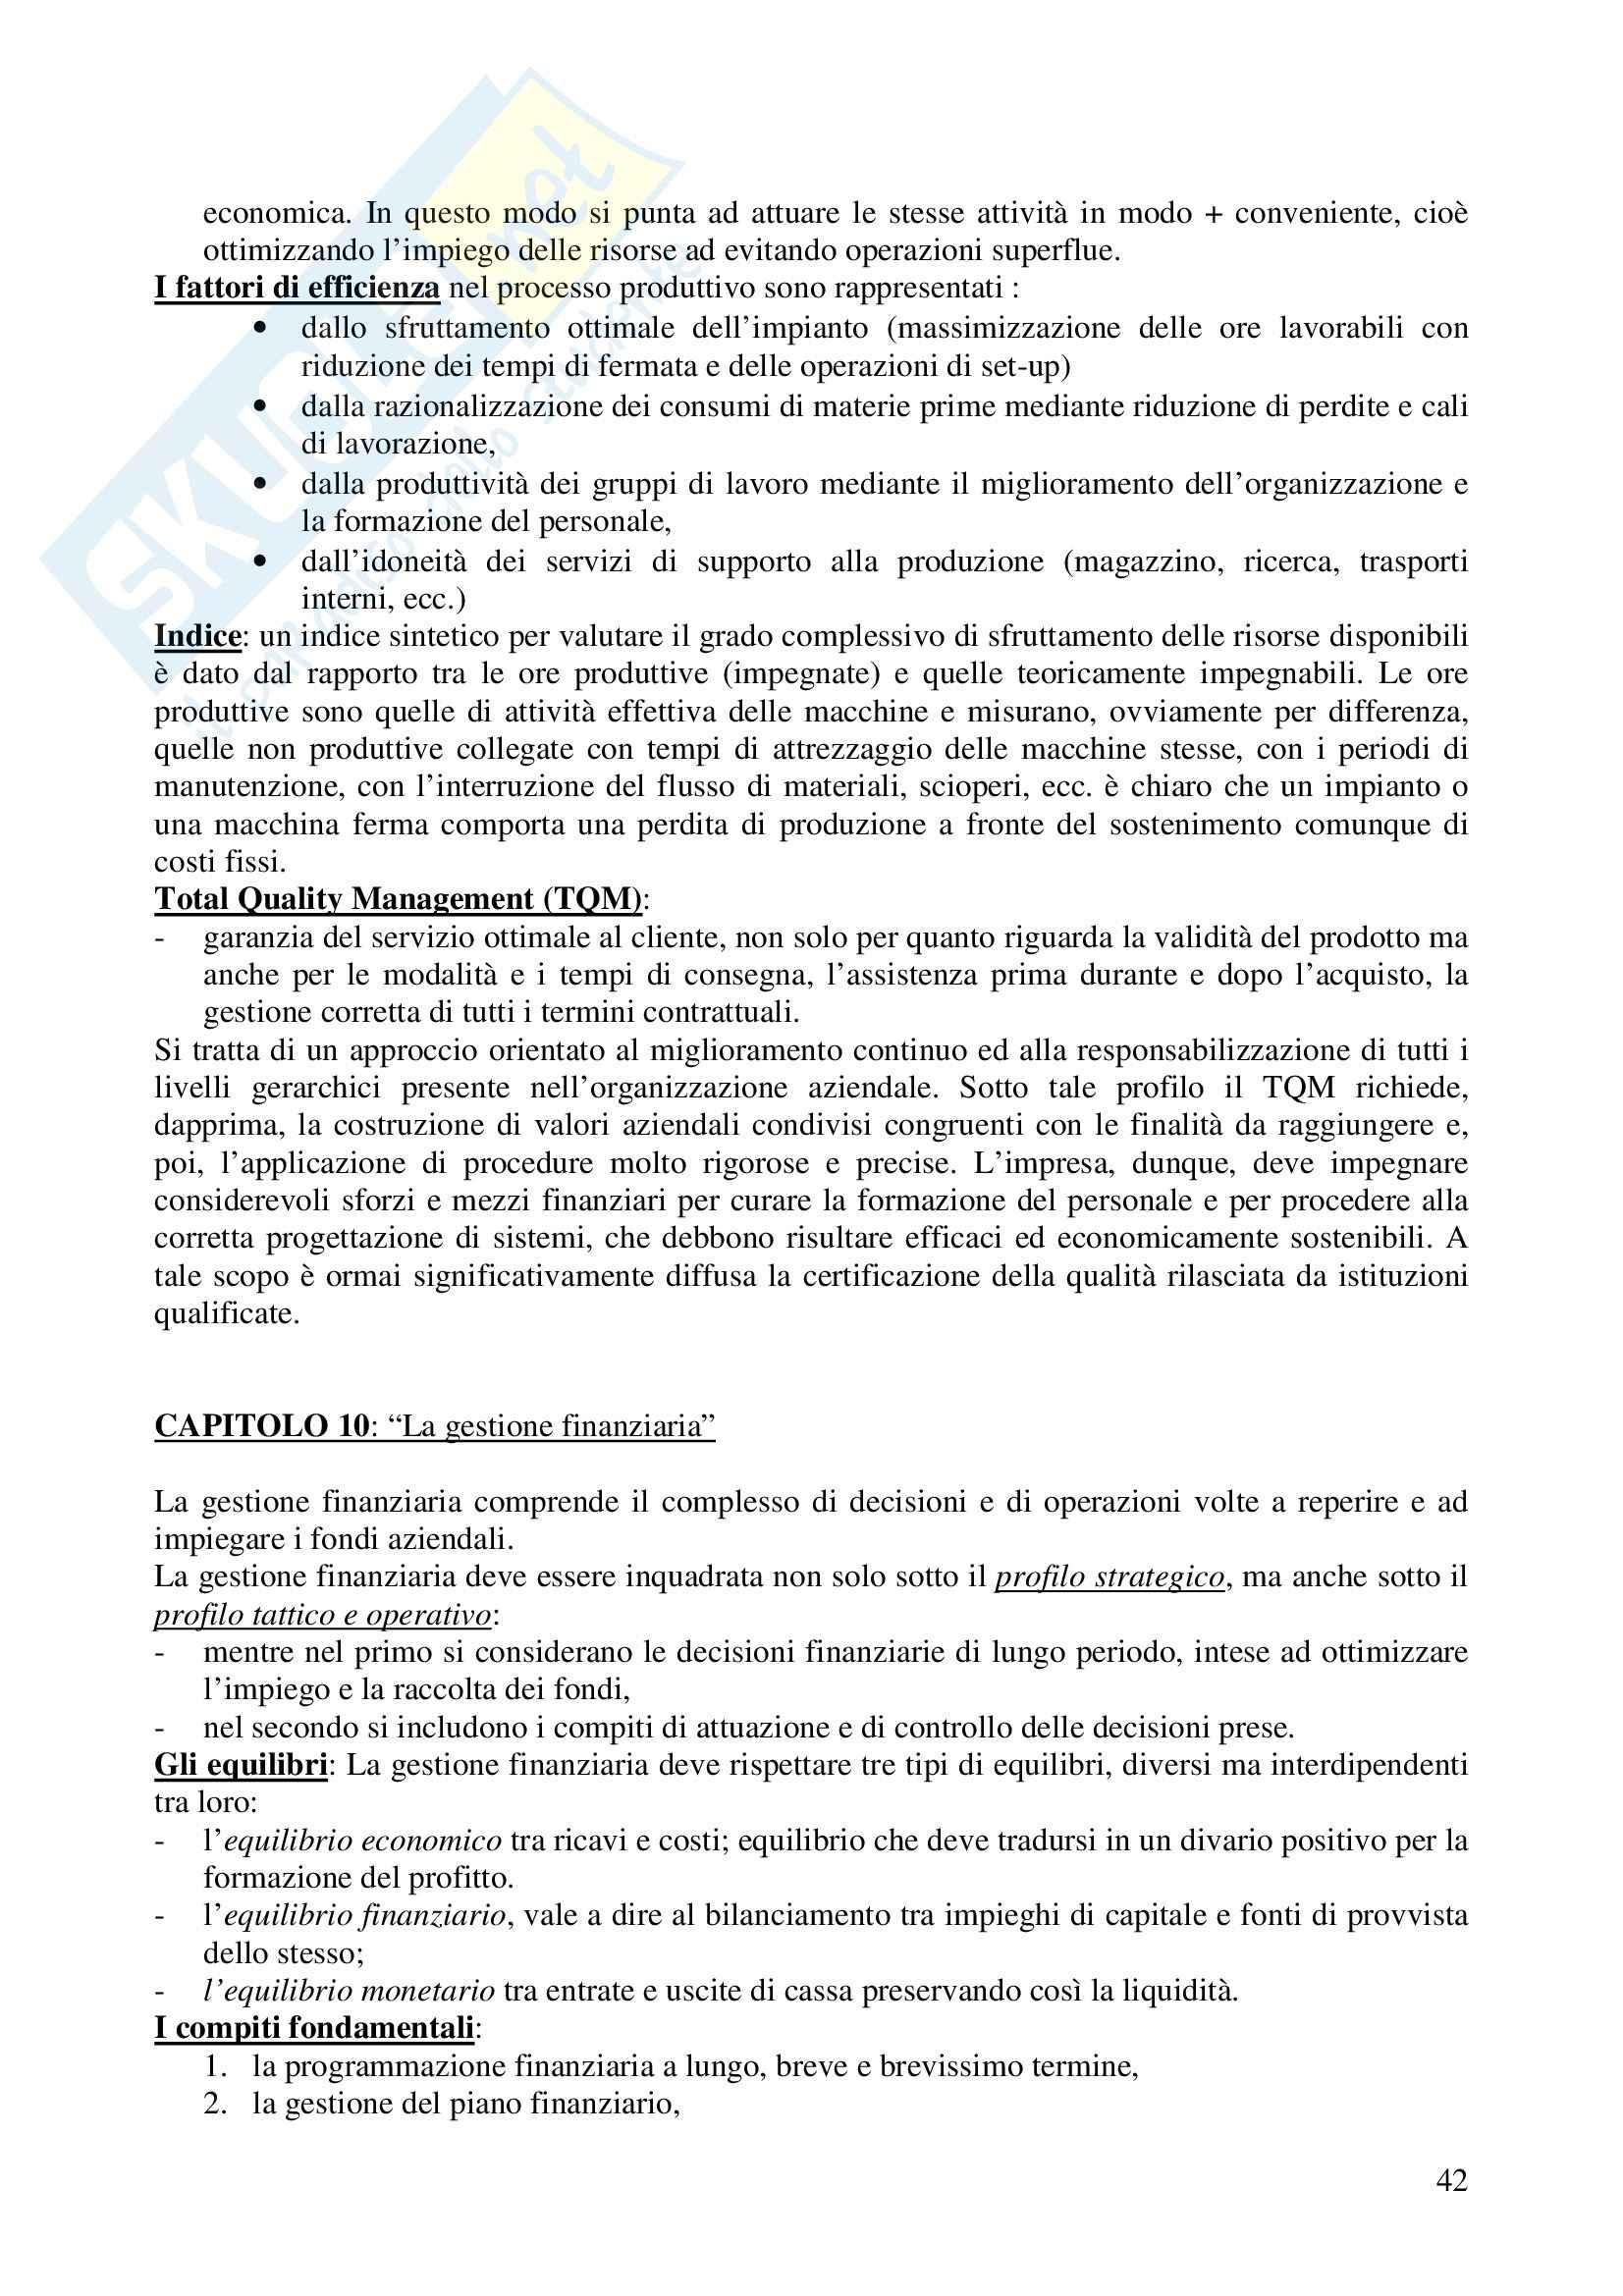 Riassunto esame Economia e gestione delle imprese, prof. Calza, libro consigliato Fondamenti di economia e gestione delle imprese, Sciarelli Pag. 41